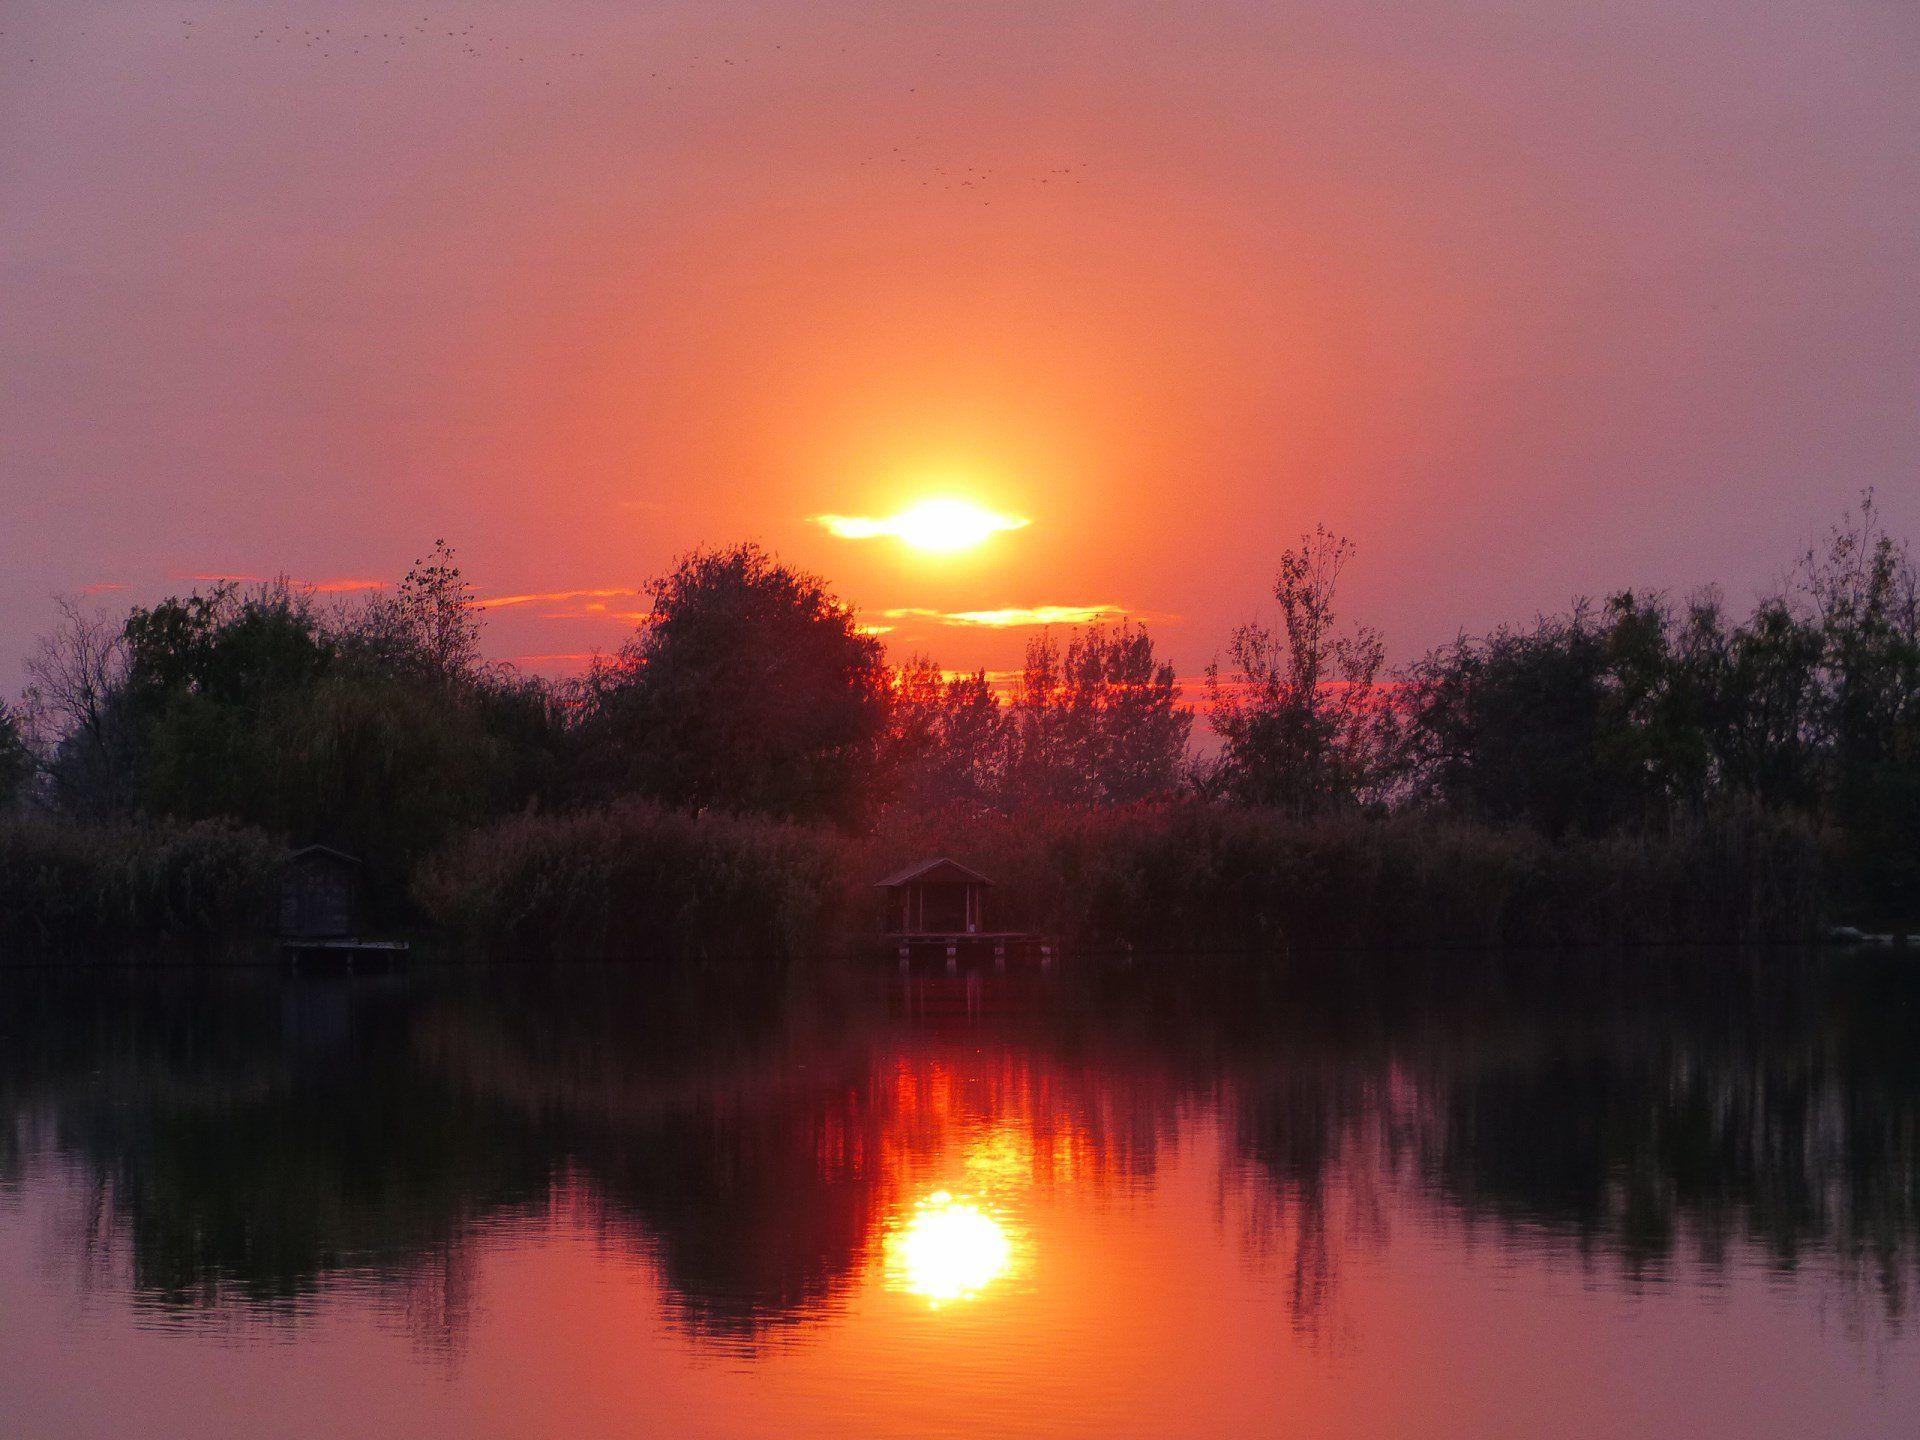 Mire minden a helyére került, a nap is lebukott az égen…